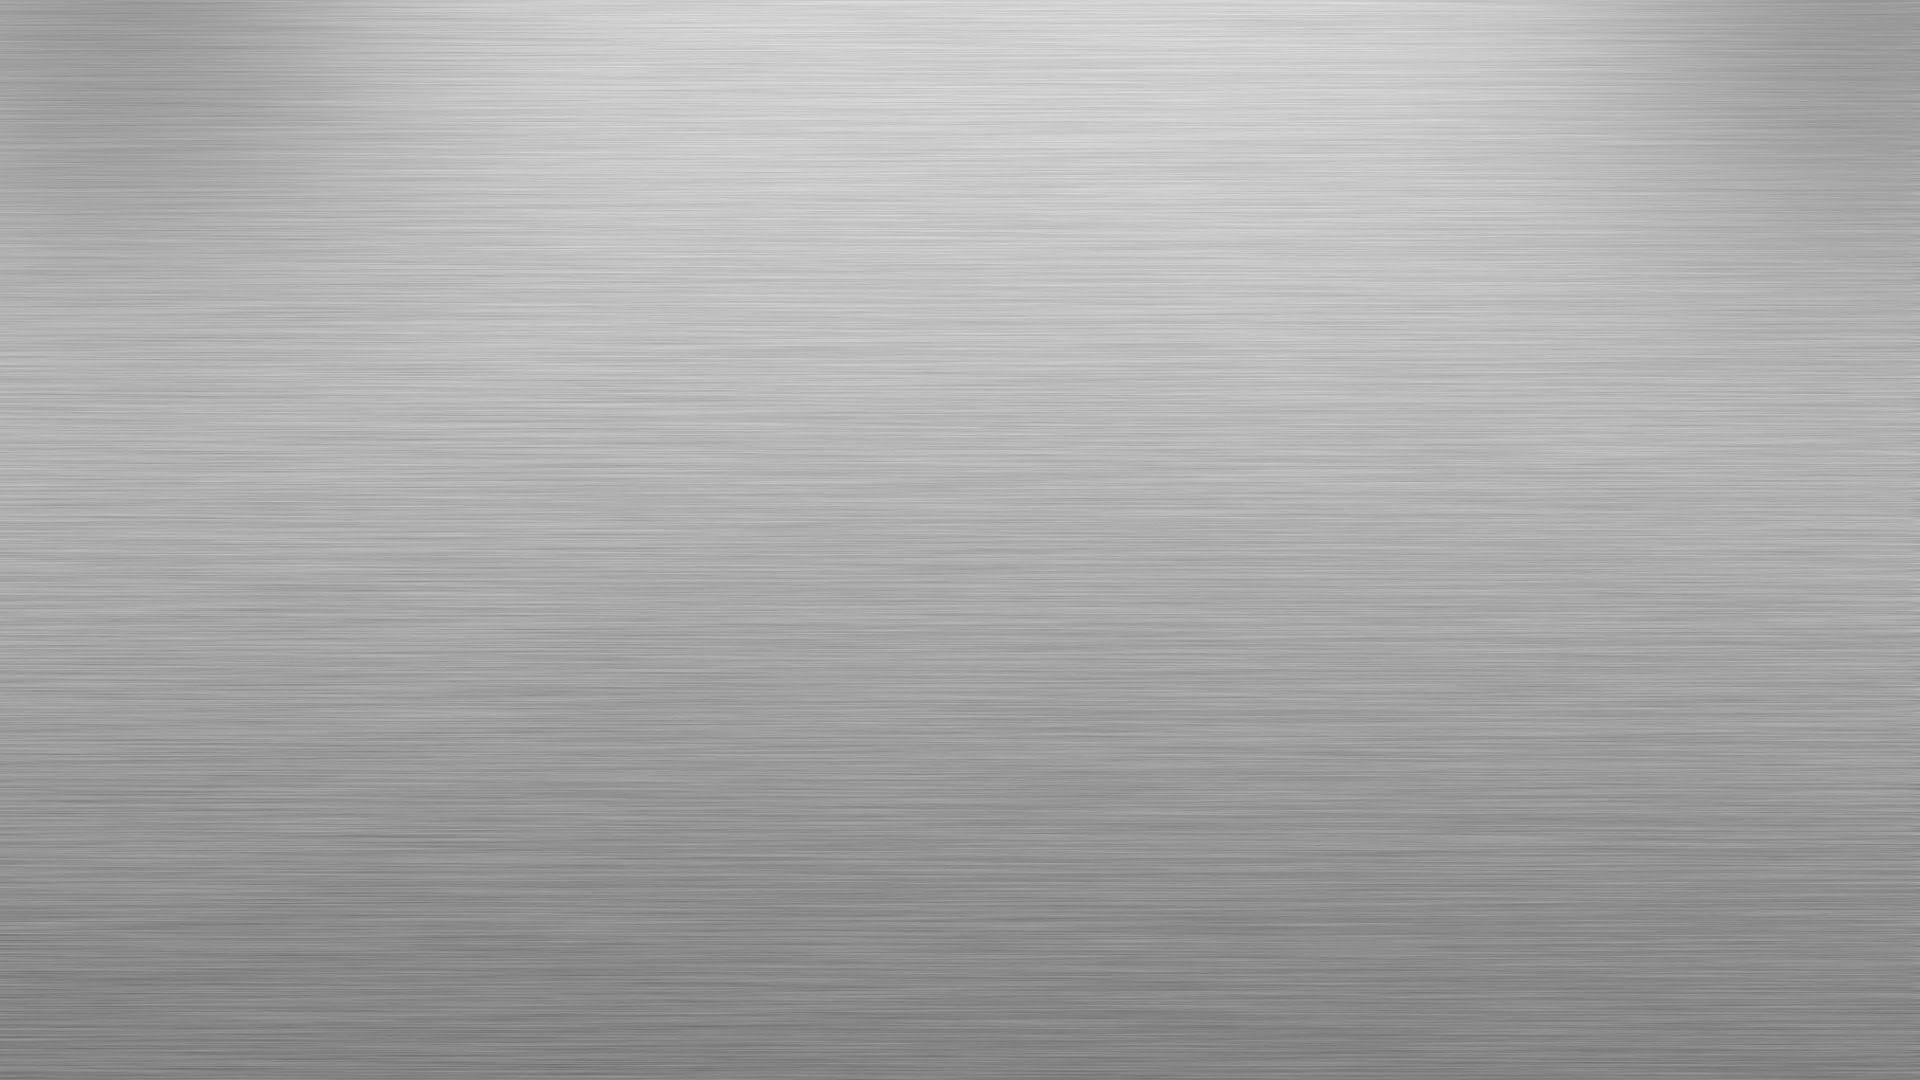 Chrome Metal Wallpaper - WallpaperSafari